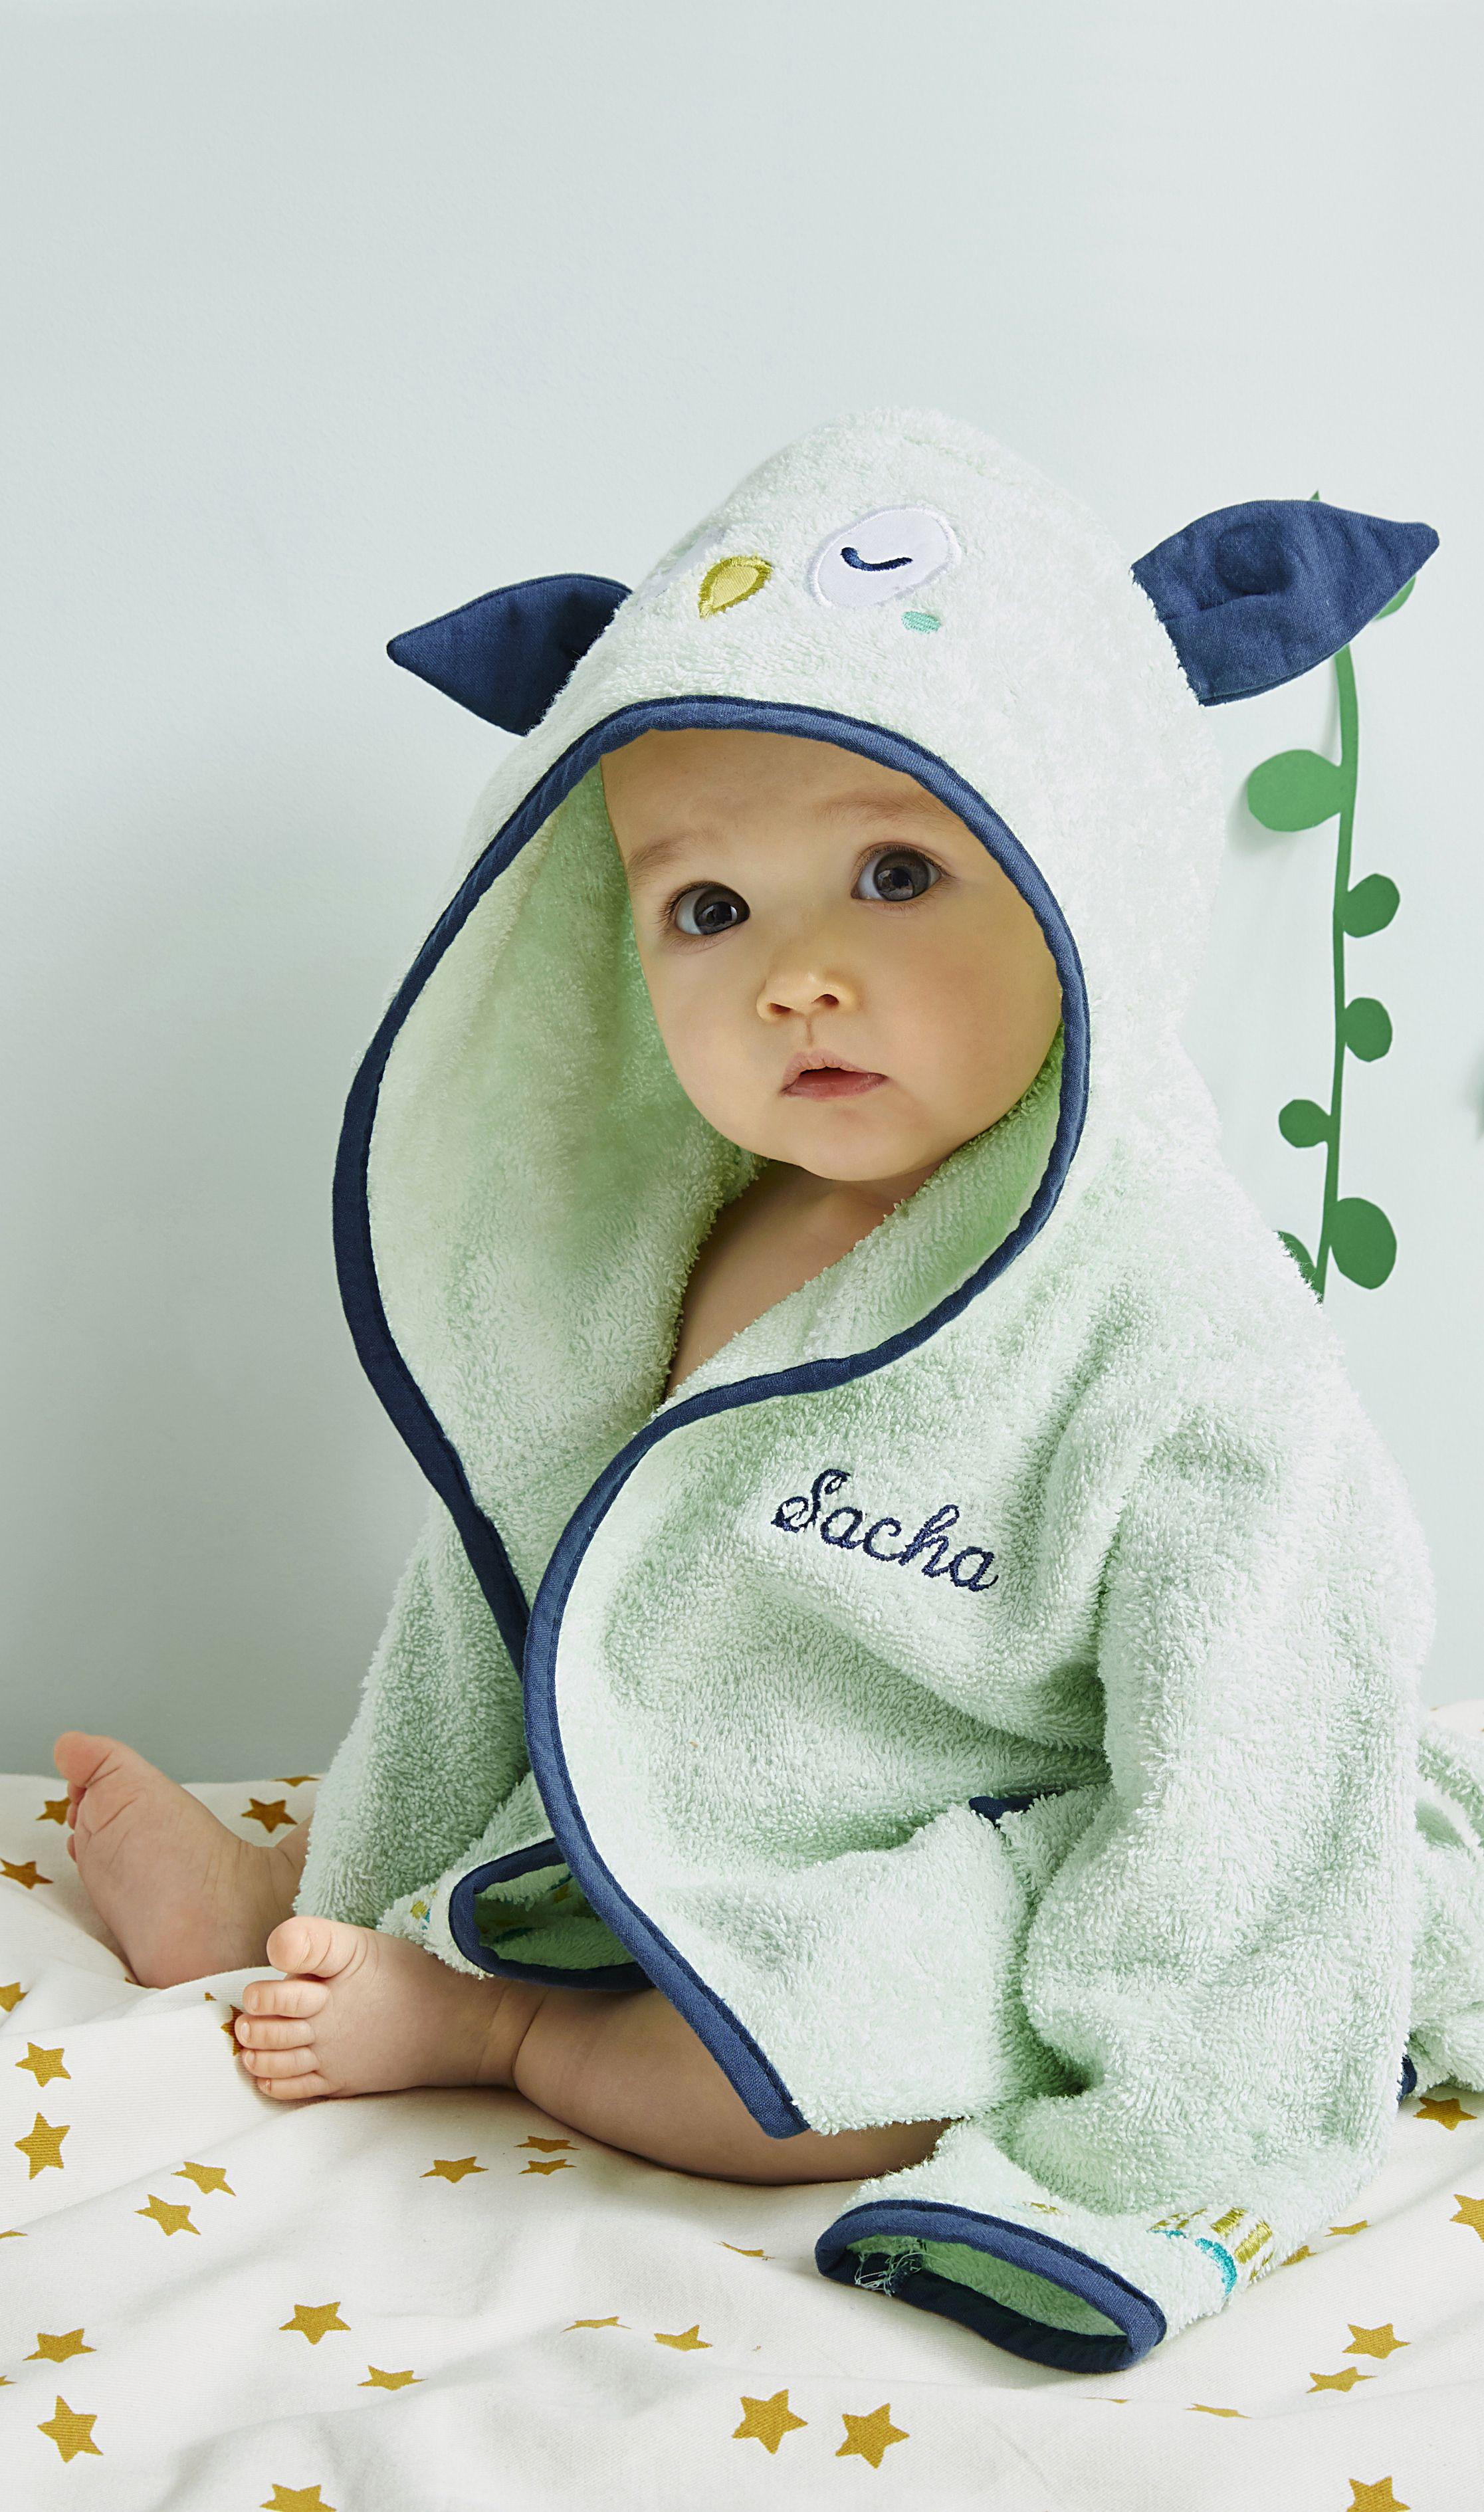 abaf86bfb0a2c Un #peignoir trop #mignon et si douillet pour envelopper #bébé de #douceur  à la sortie du bain ou de la #douche !